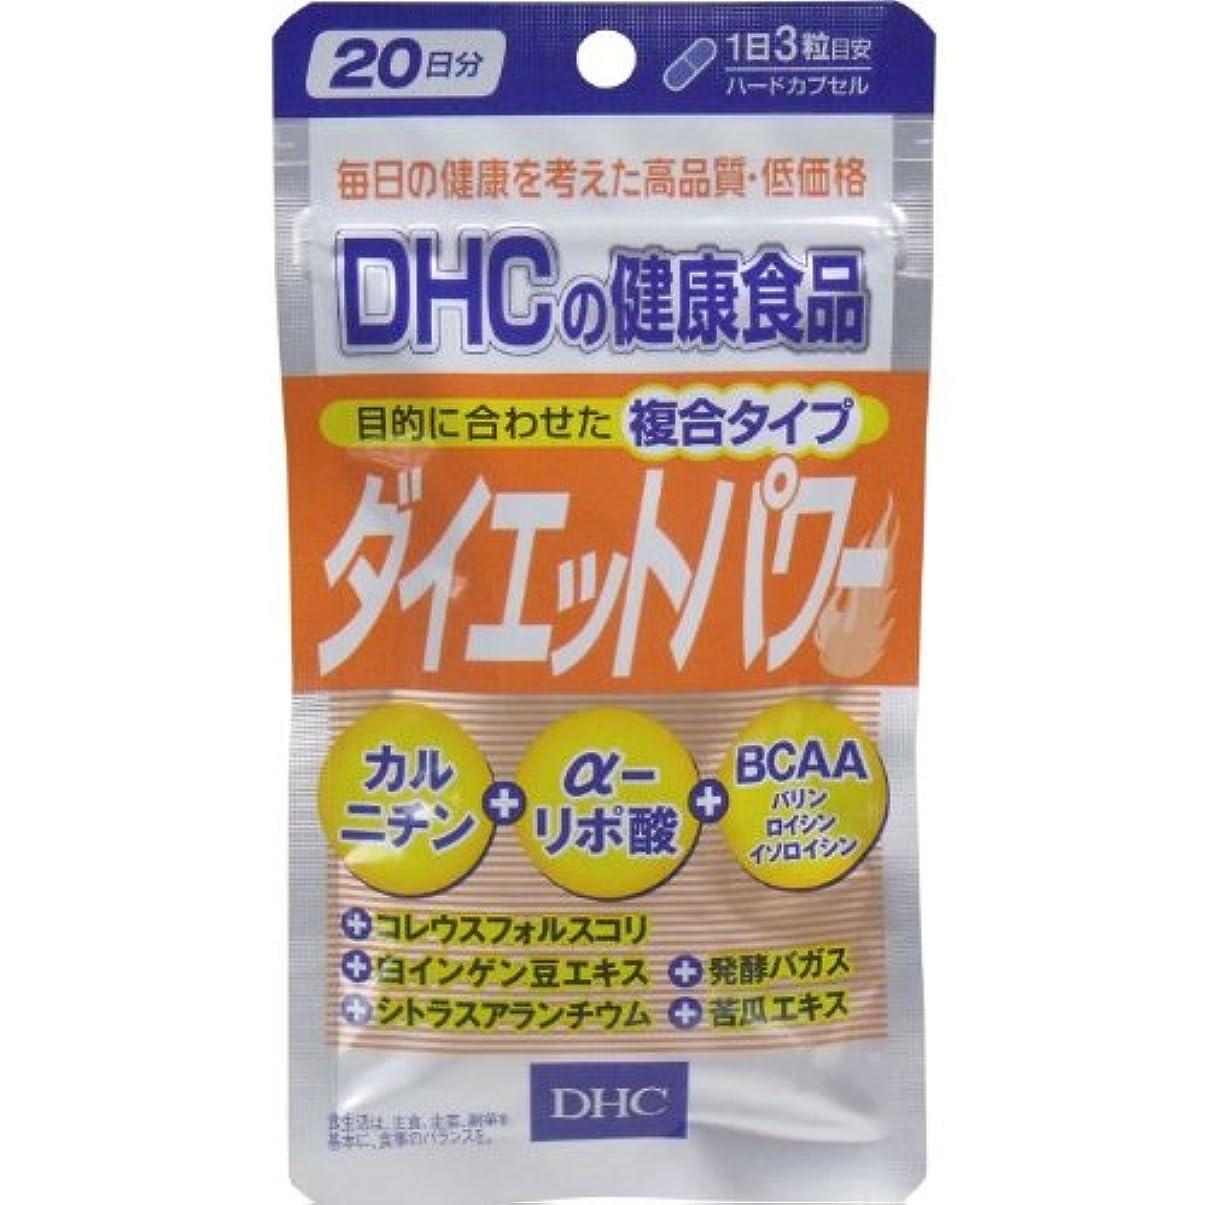 強制同一性腹部DHC ダイエットパワー 60粒入 【3個セット】